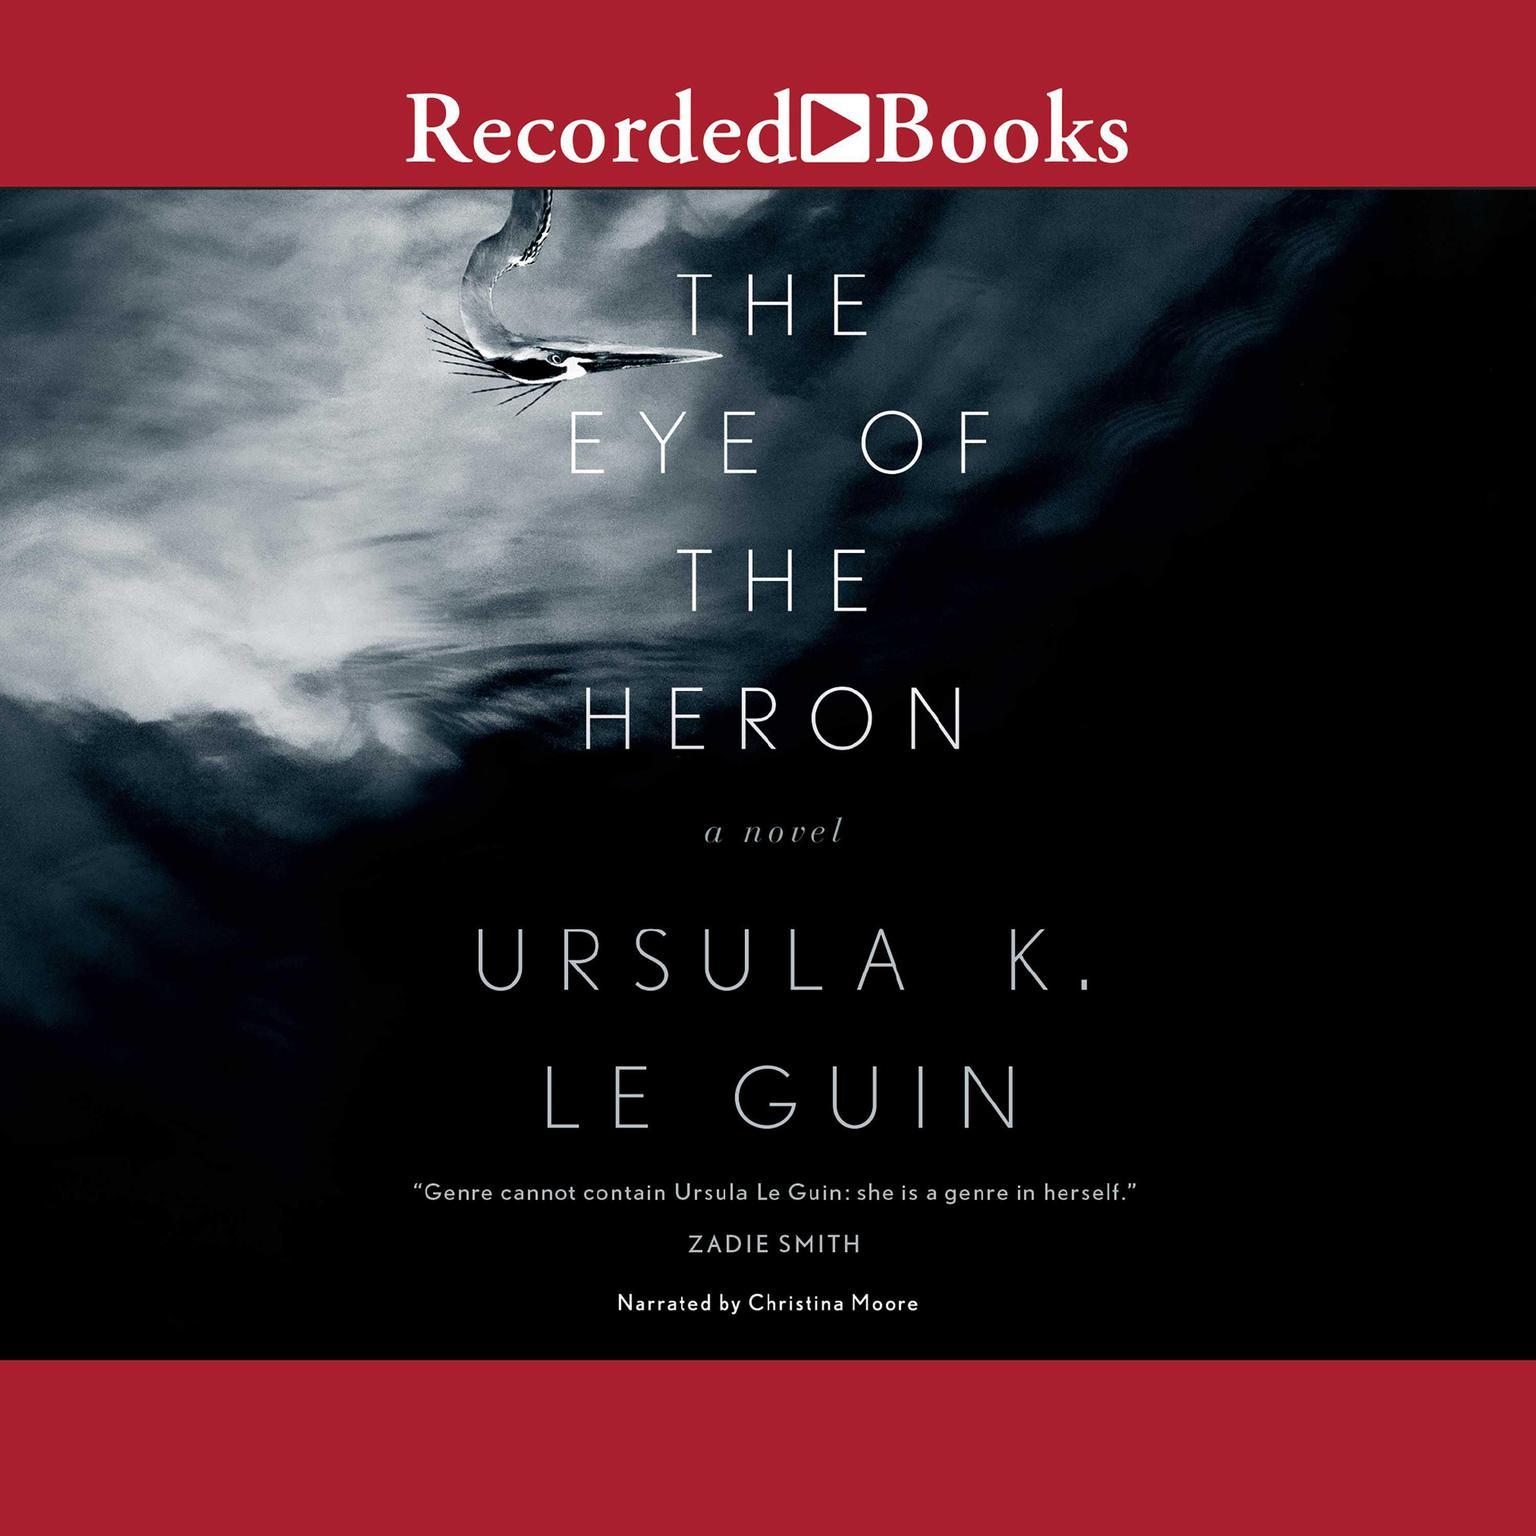 ursula k le guin audiobook